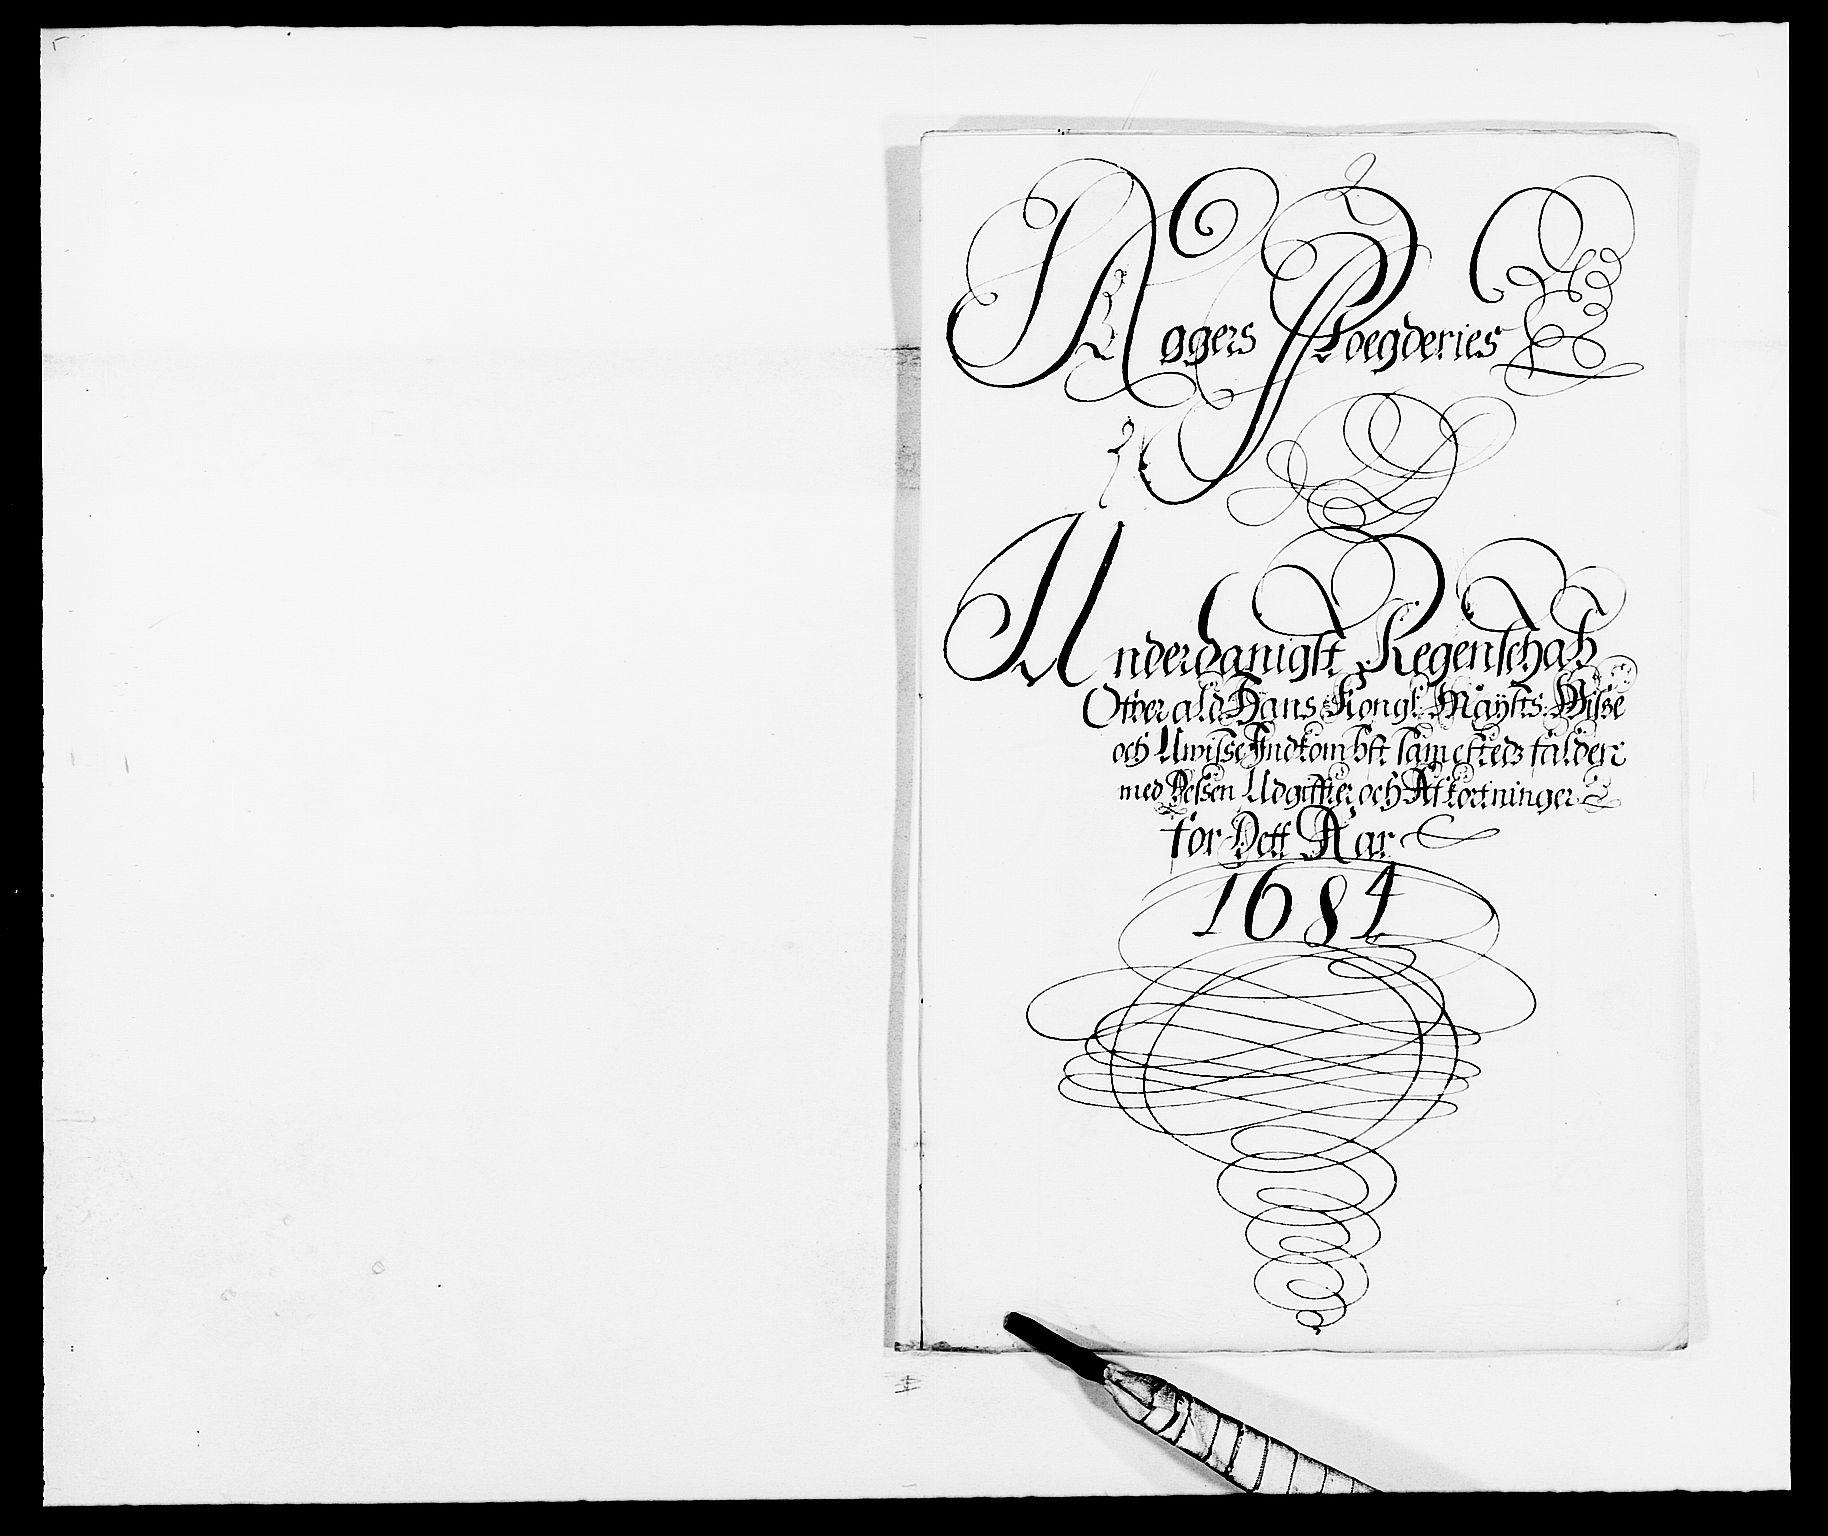 RA, Rentekammeret inntil 1814, Reviderte regnskaper, Fogderegnskap, R08/L0421: Fogderegnskap Aker, 1682-1683, s. 2